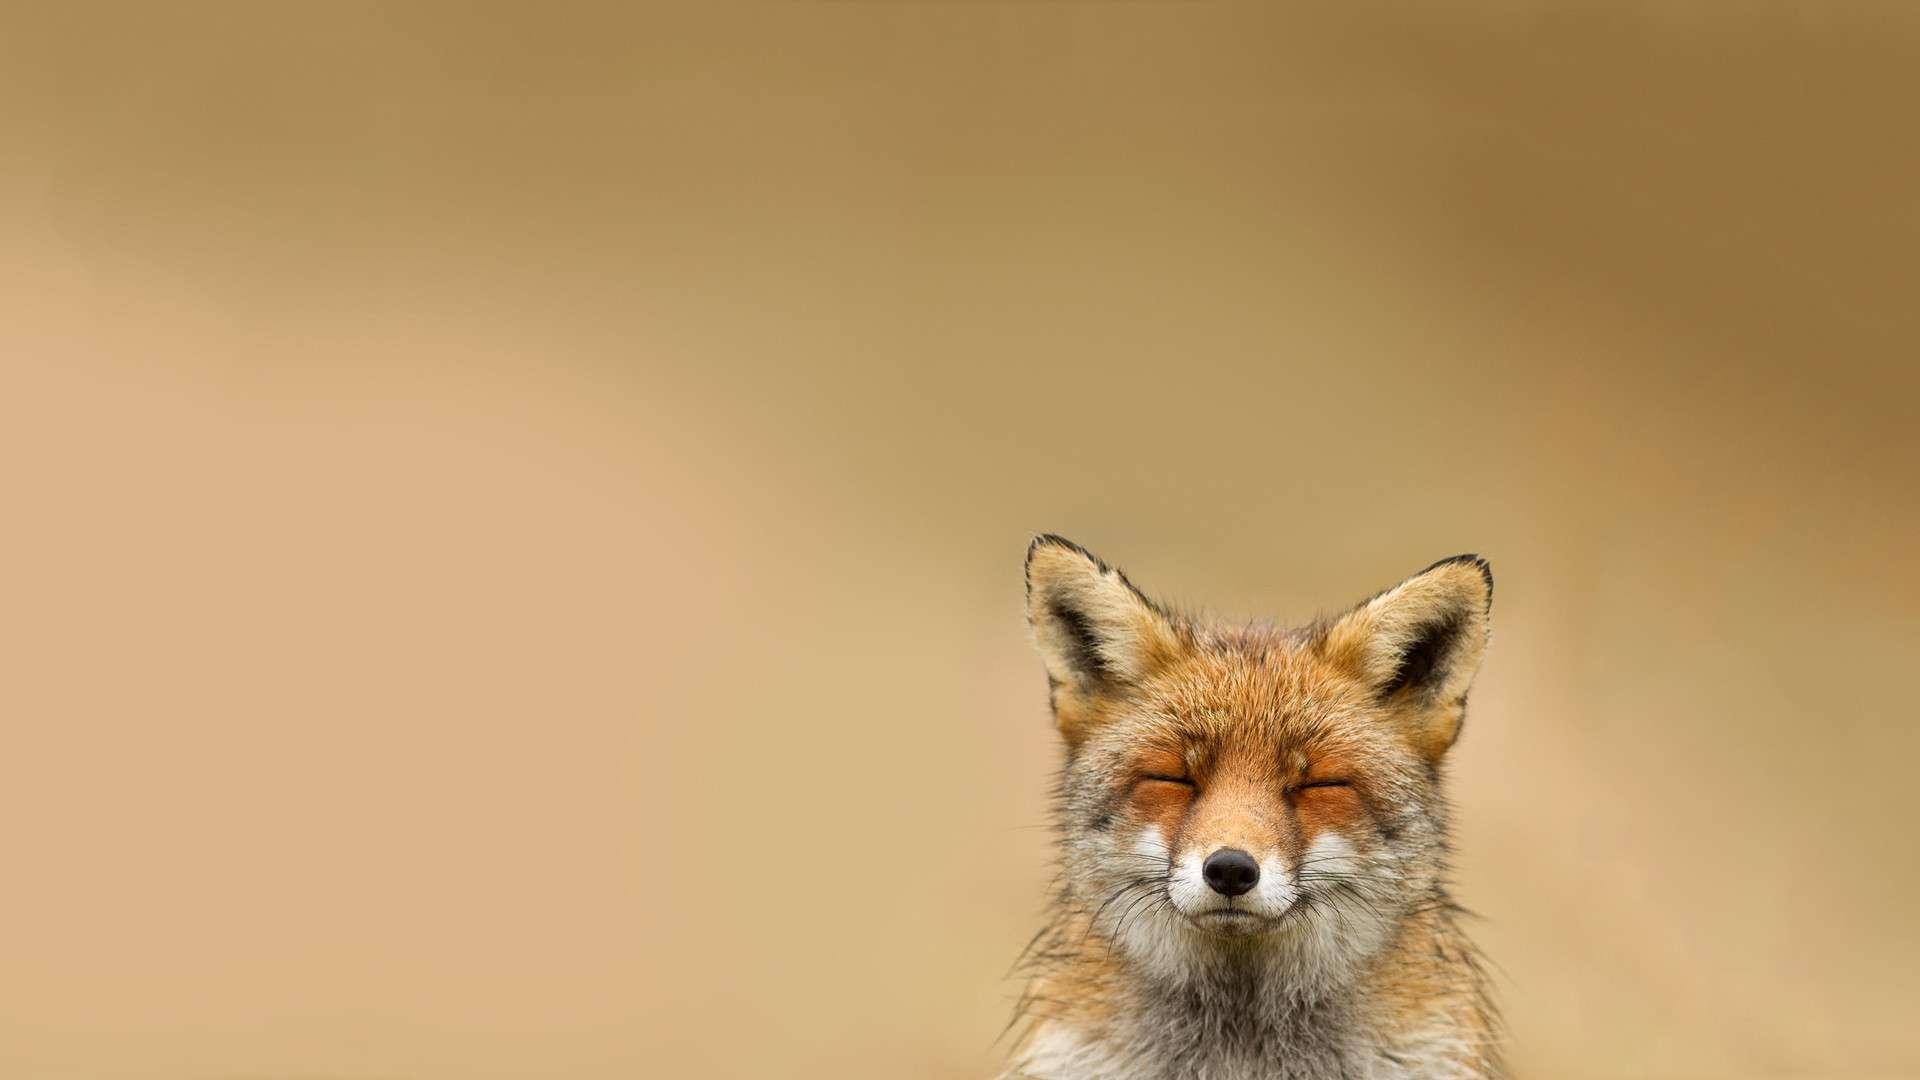 Happy Fox HD Wallpaper FullHDWpp   Full HD Wallpapers 1920x1080 1920x1080